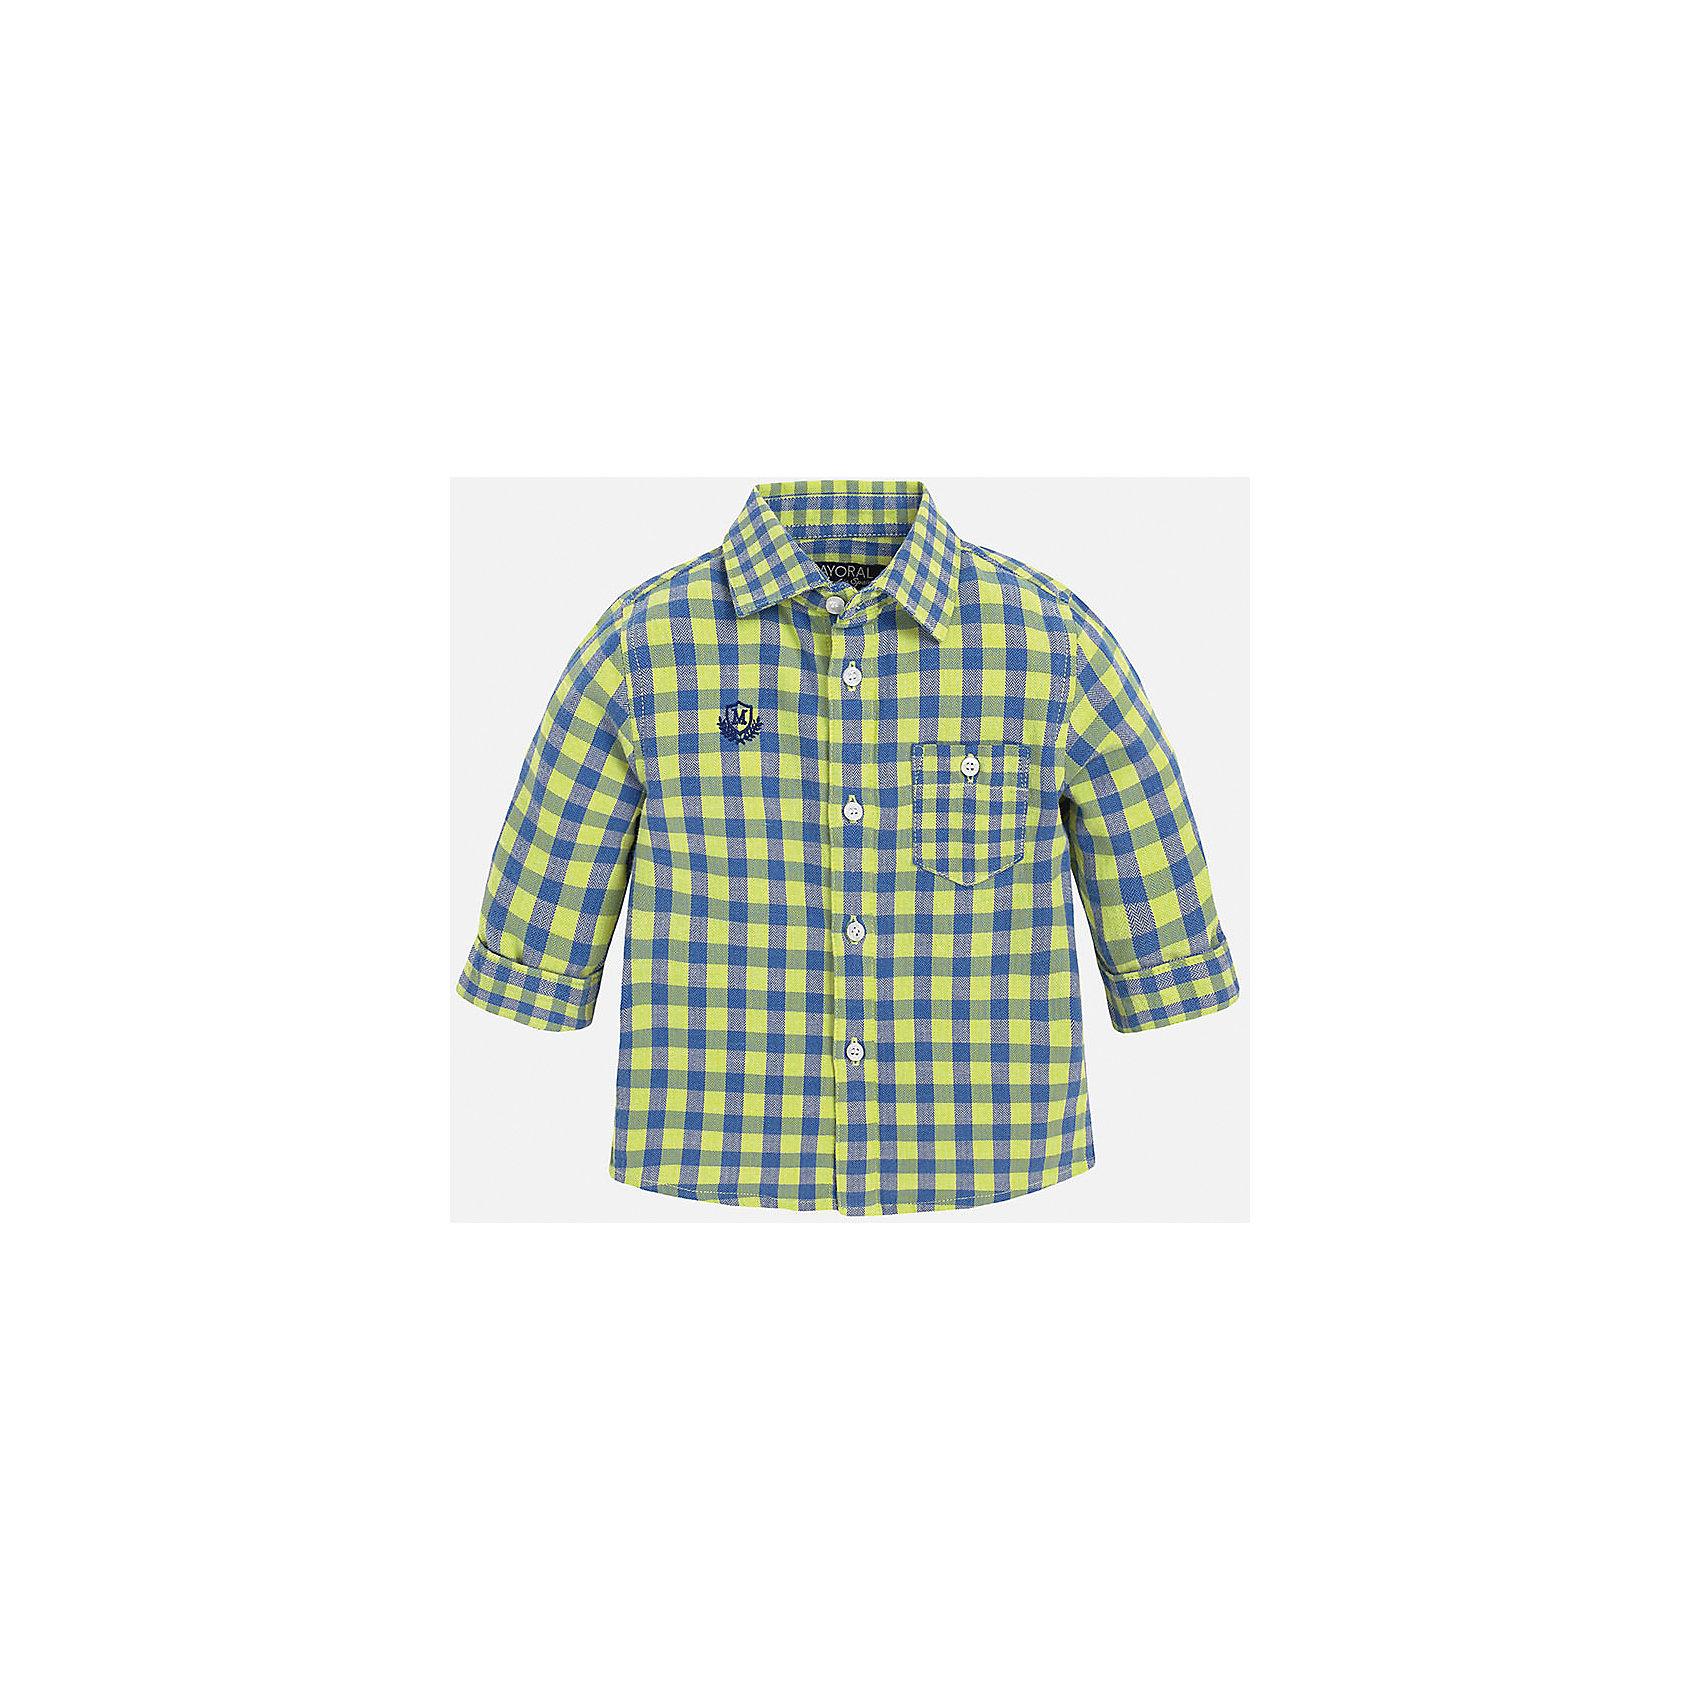 Рубашка для мальчика MayoralБлузки и рубашки<br>Рубашка для мальчика от известного испанского бренда Mayoral. Классическая клетчатая рубашка отлично подойдет к гардеробу вашего ребенка! <br>Дополнительная информация:<br>-прямой силуэт<br>-укороченные рукава<br>-карман и эмблема фирмы на груди<br>-застегивается на пуговицы<br>-цвет: желтый/синий<br>-состав: 100% хлопок<br>Рубашку для мальчика Mayoral вы можете приобрести в нашем интернет-магазине<br><br>Ширина мм: 174<br>Глубина мм: 10<br>Высота мм: 169<br>Вес г: 157<br>Цвет: желтый<br>Возраст от месяцев: 12<br>Возраст до месяцев: 15<br>Пол: Мужской<br>Возраст: Детский<br>Размер: 80,92,86<br>SKU: 4820585